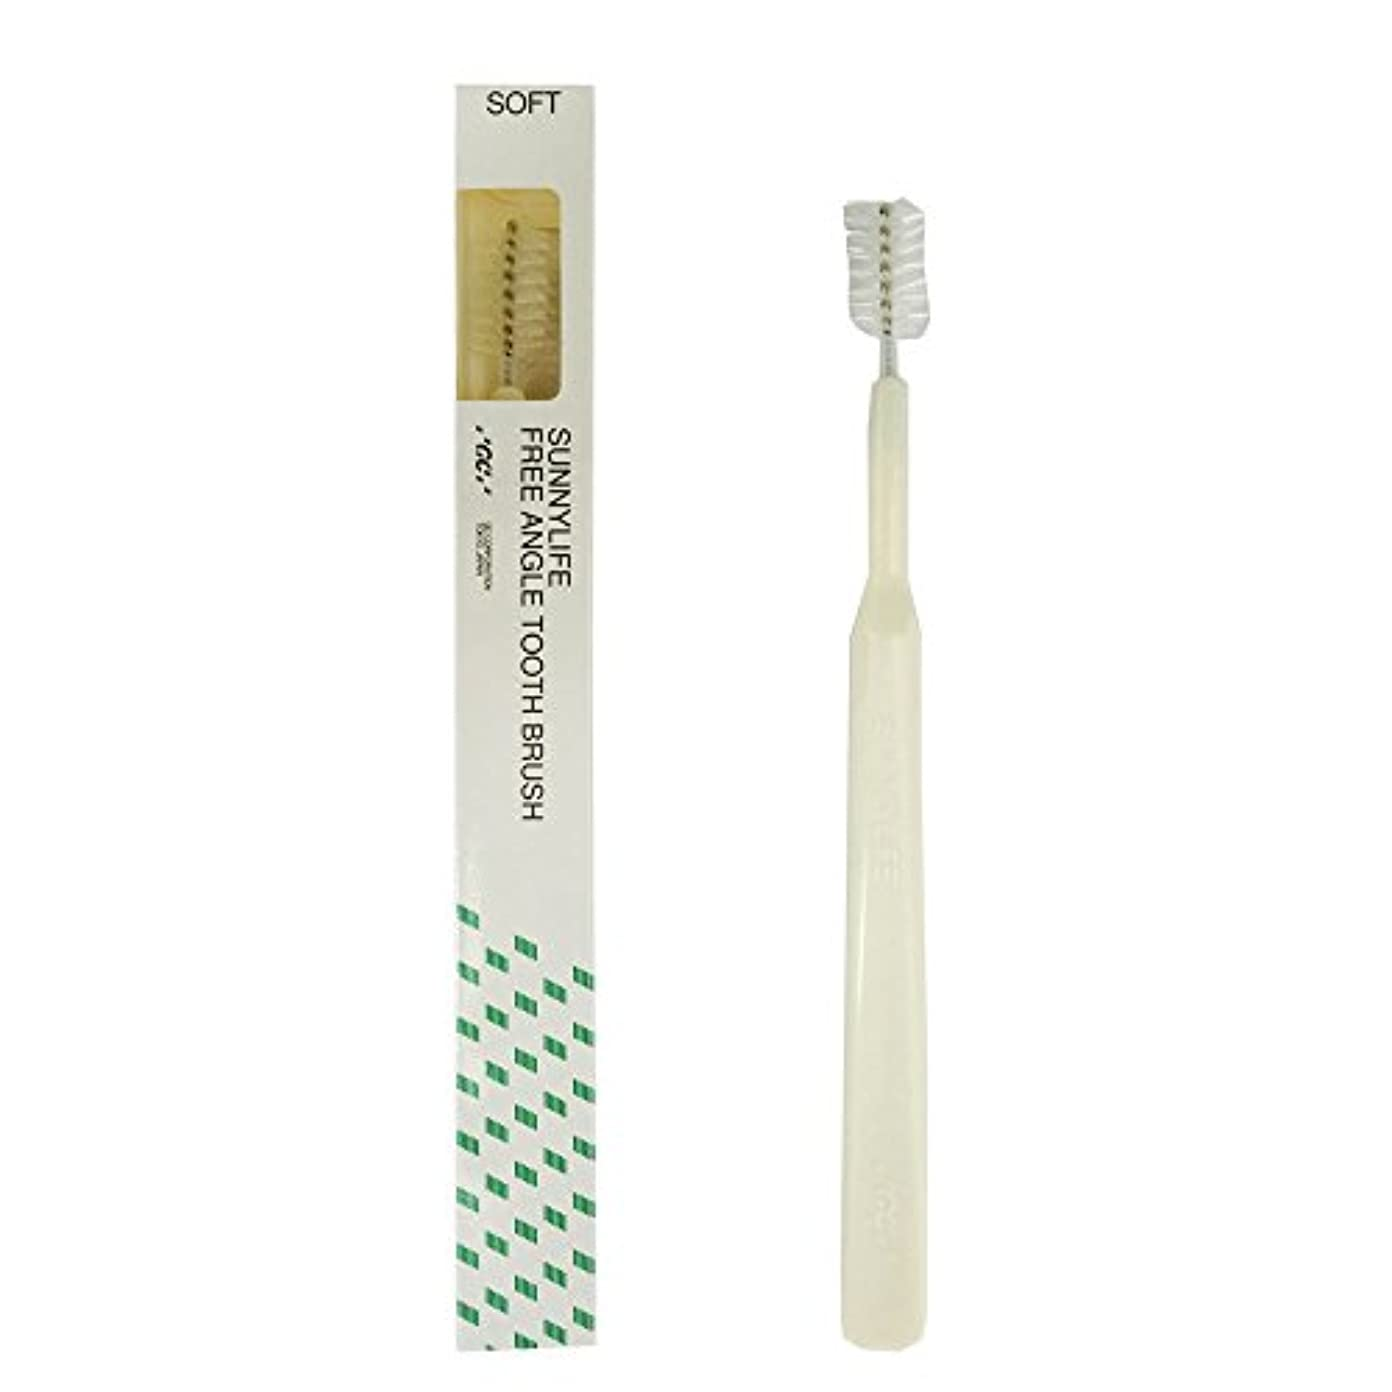 影響力のある髄生き残りサニーライフ フリーアングル歯ブラシ